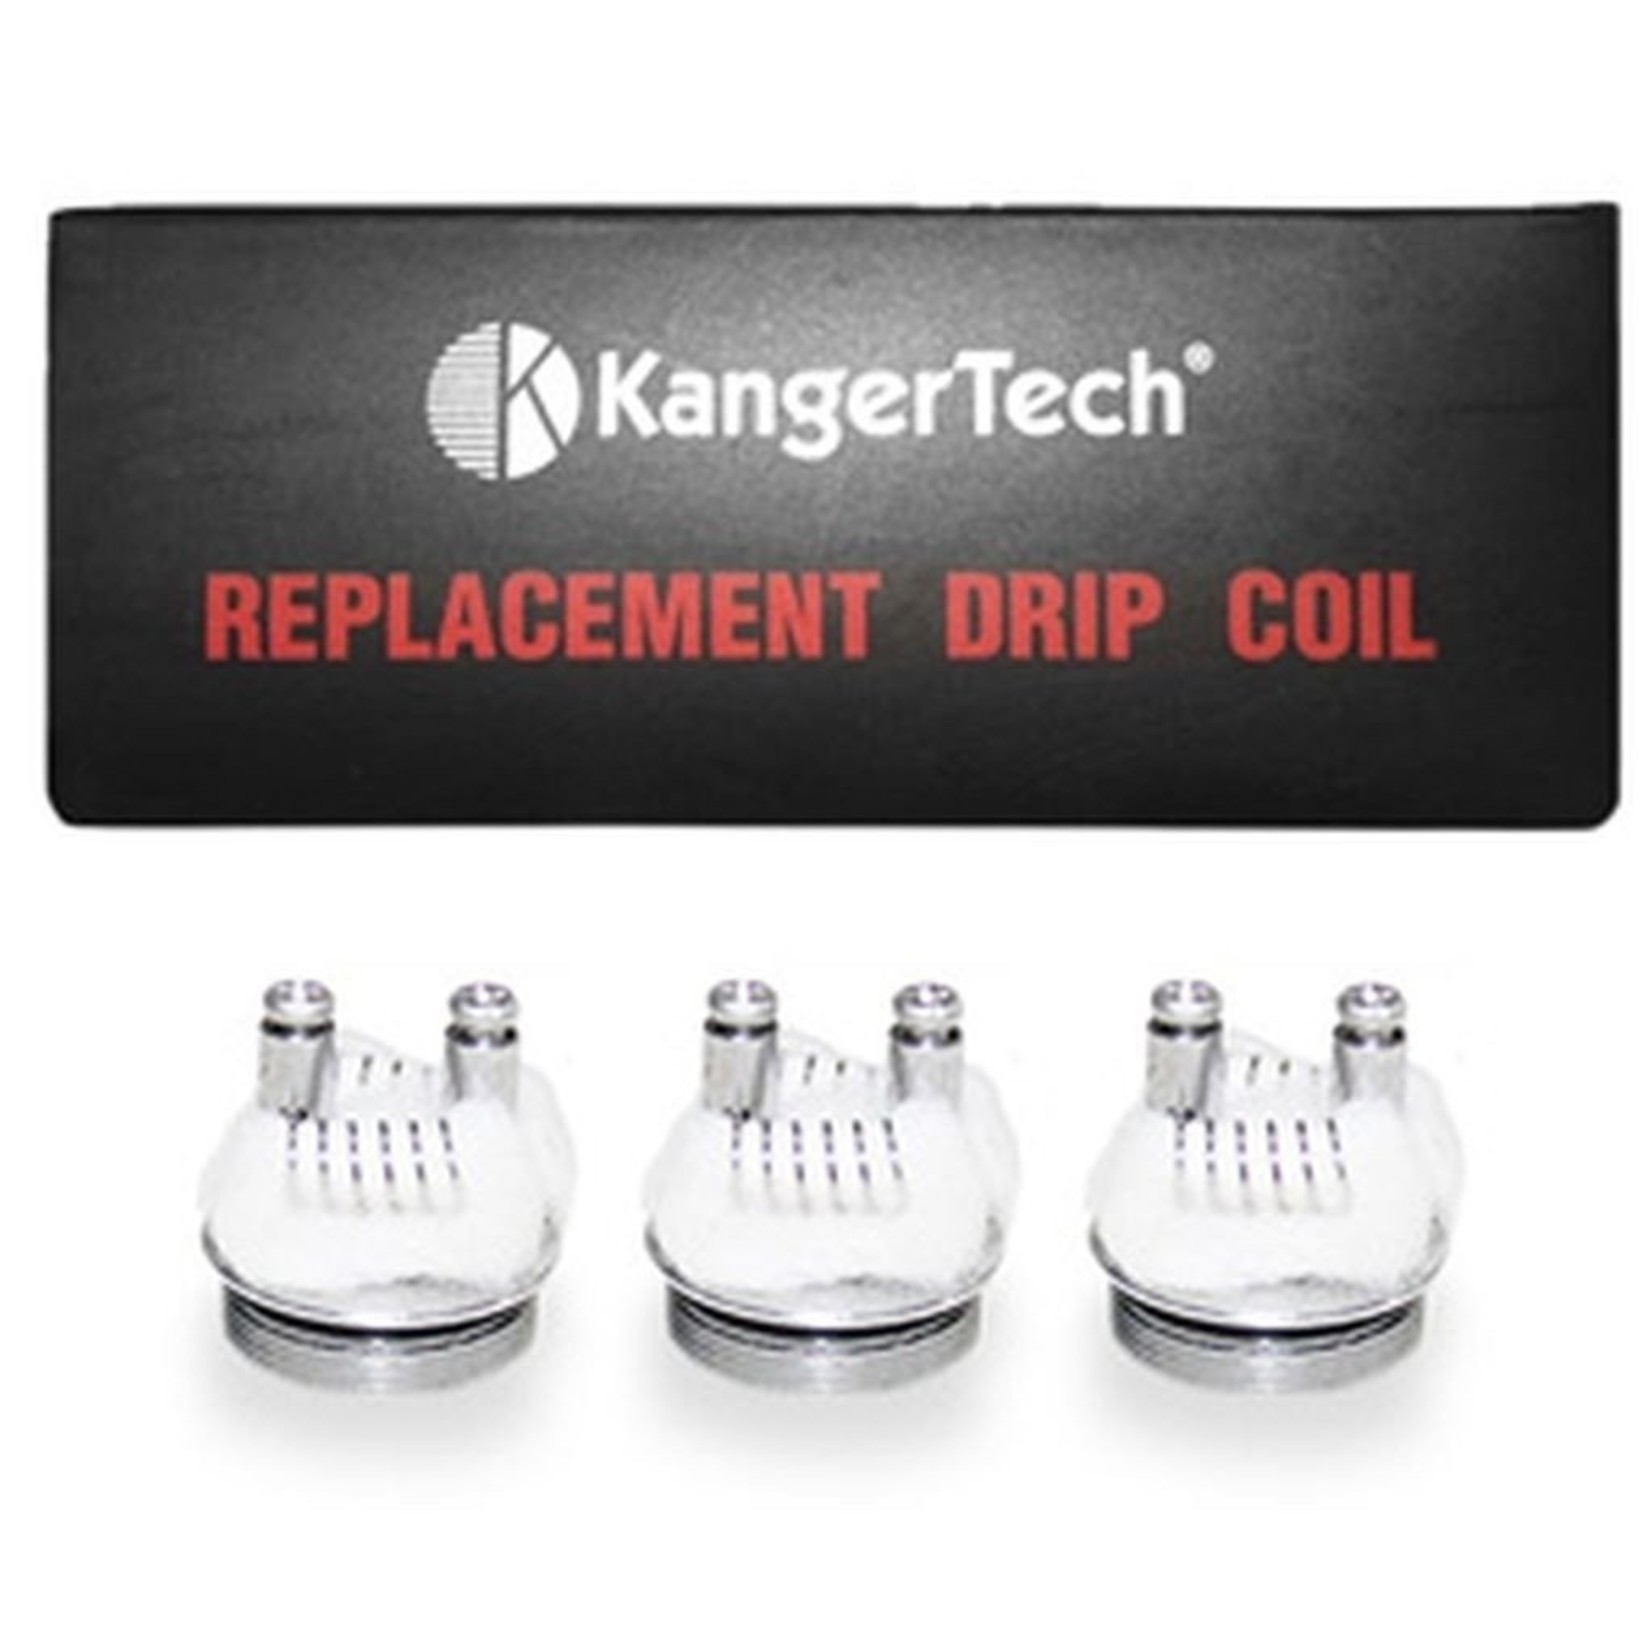 Kanger Misc. KangerTech Coils